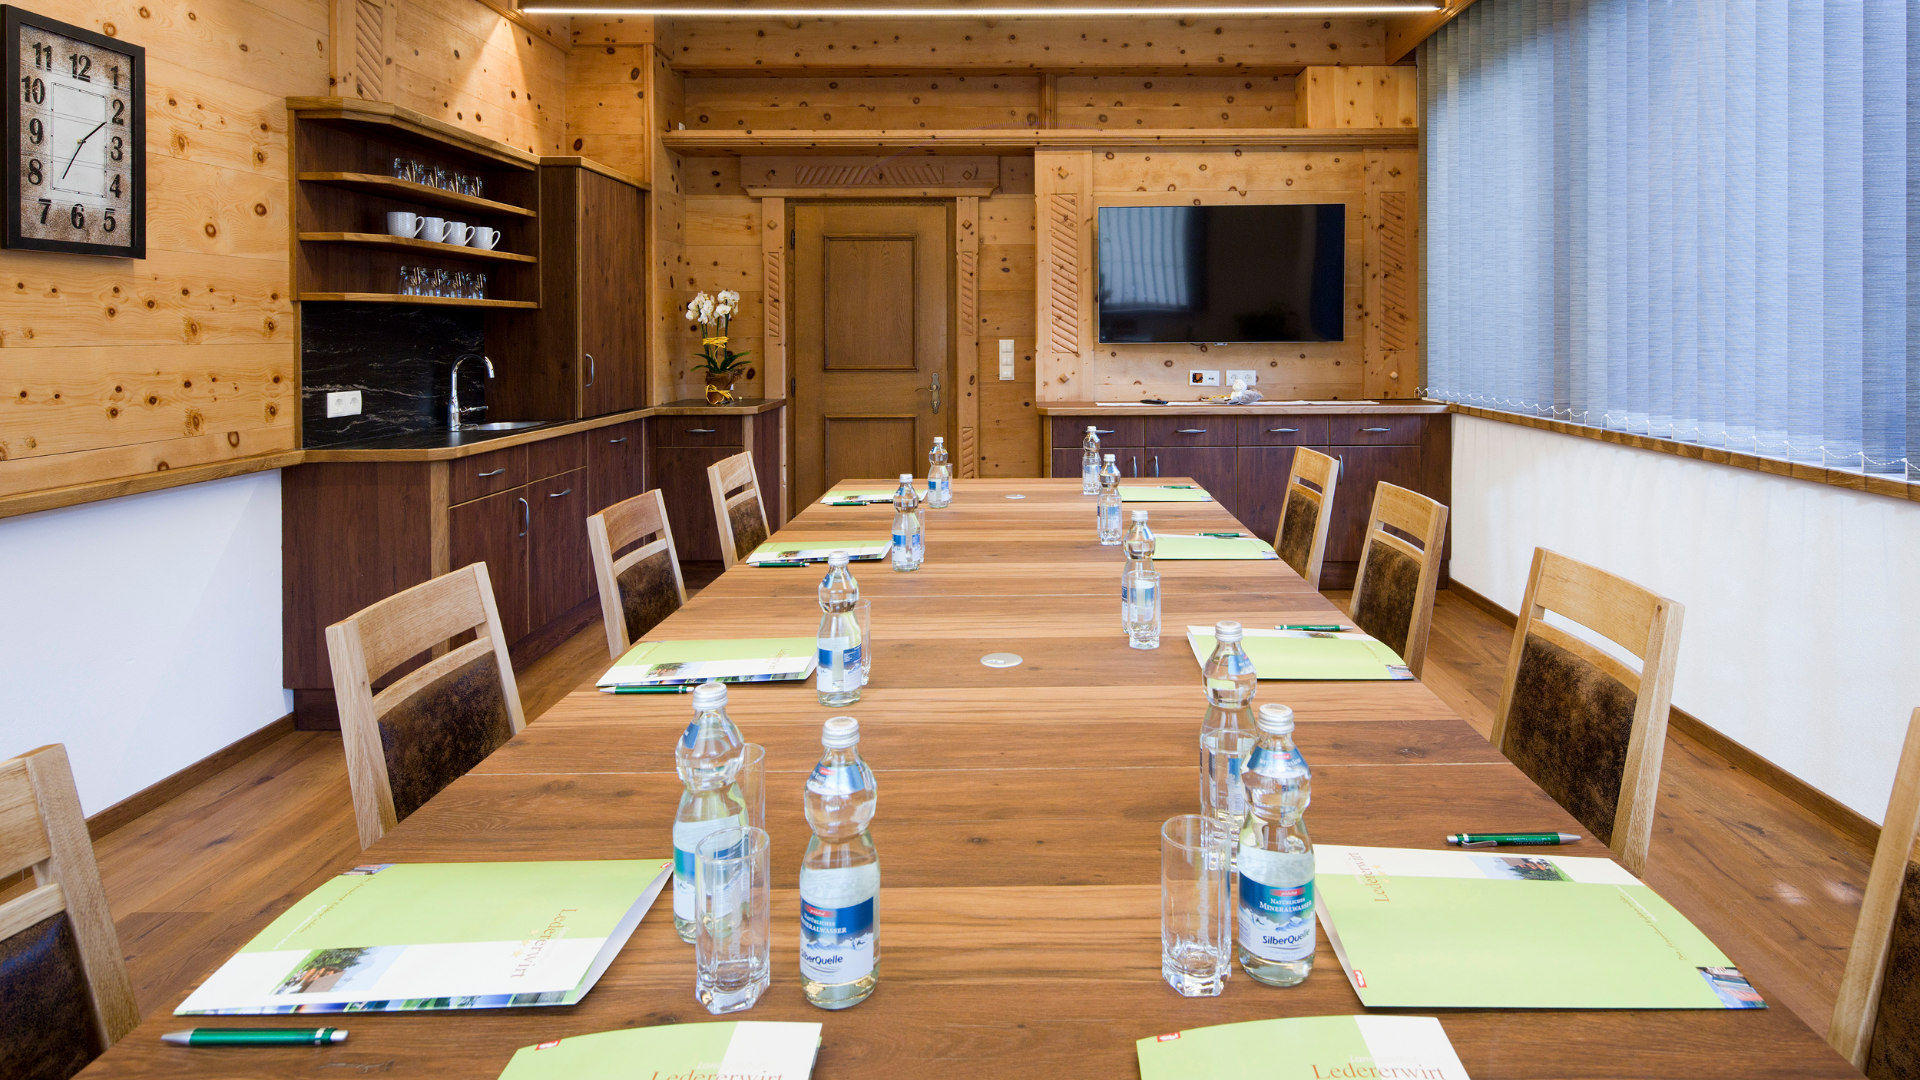 ledererhof-gasthof-pension-ebbs-zimmer-hotel-tirol-zimmer-urlaub-ferienwohnungen-kufstein-seminarraum-2